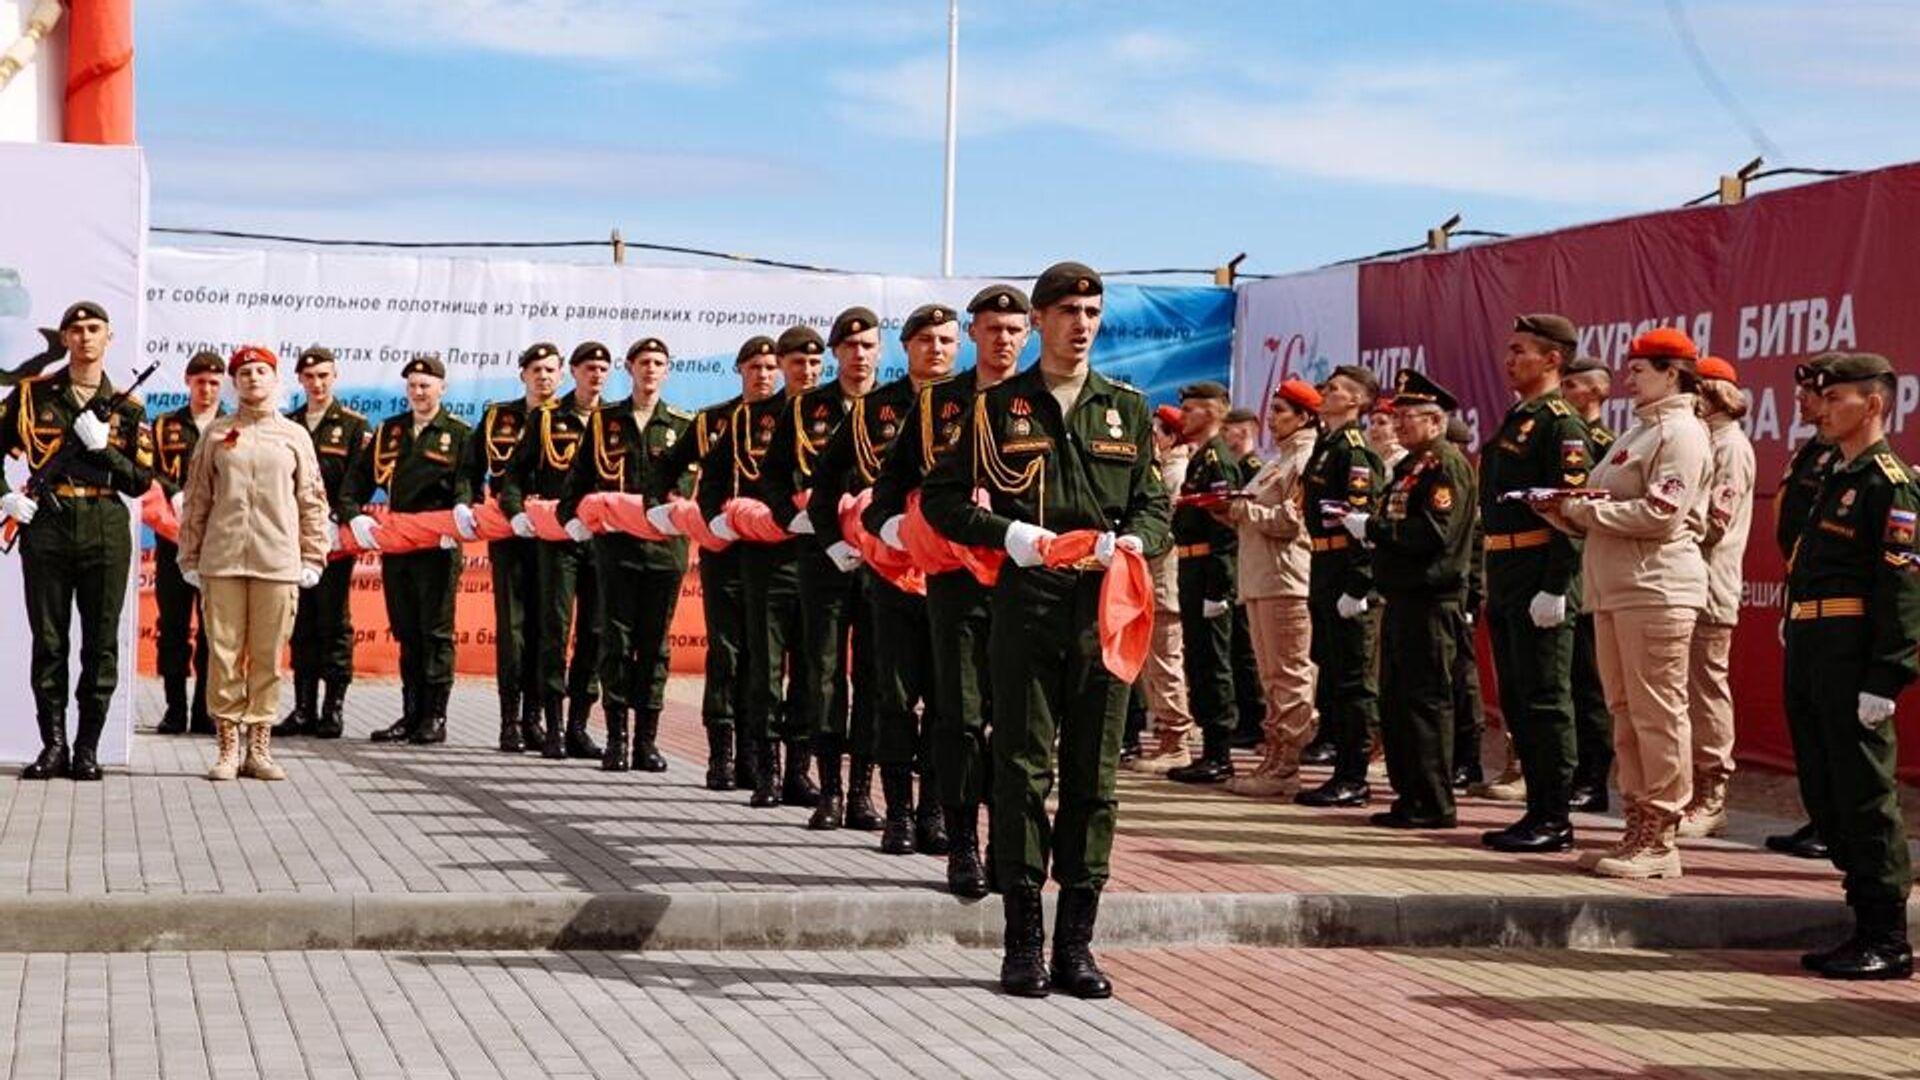 Церемония поднятия копии Знамени Победы Благовещенске  - РИА Новости, 1920, 07.05.2021